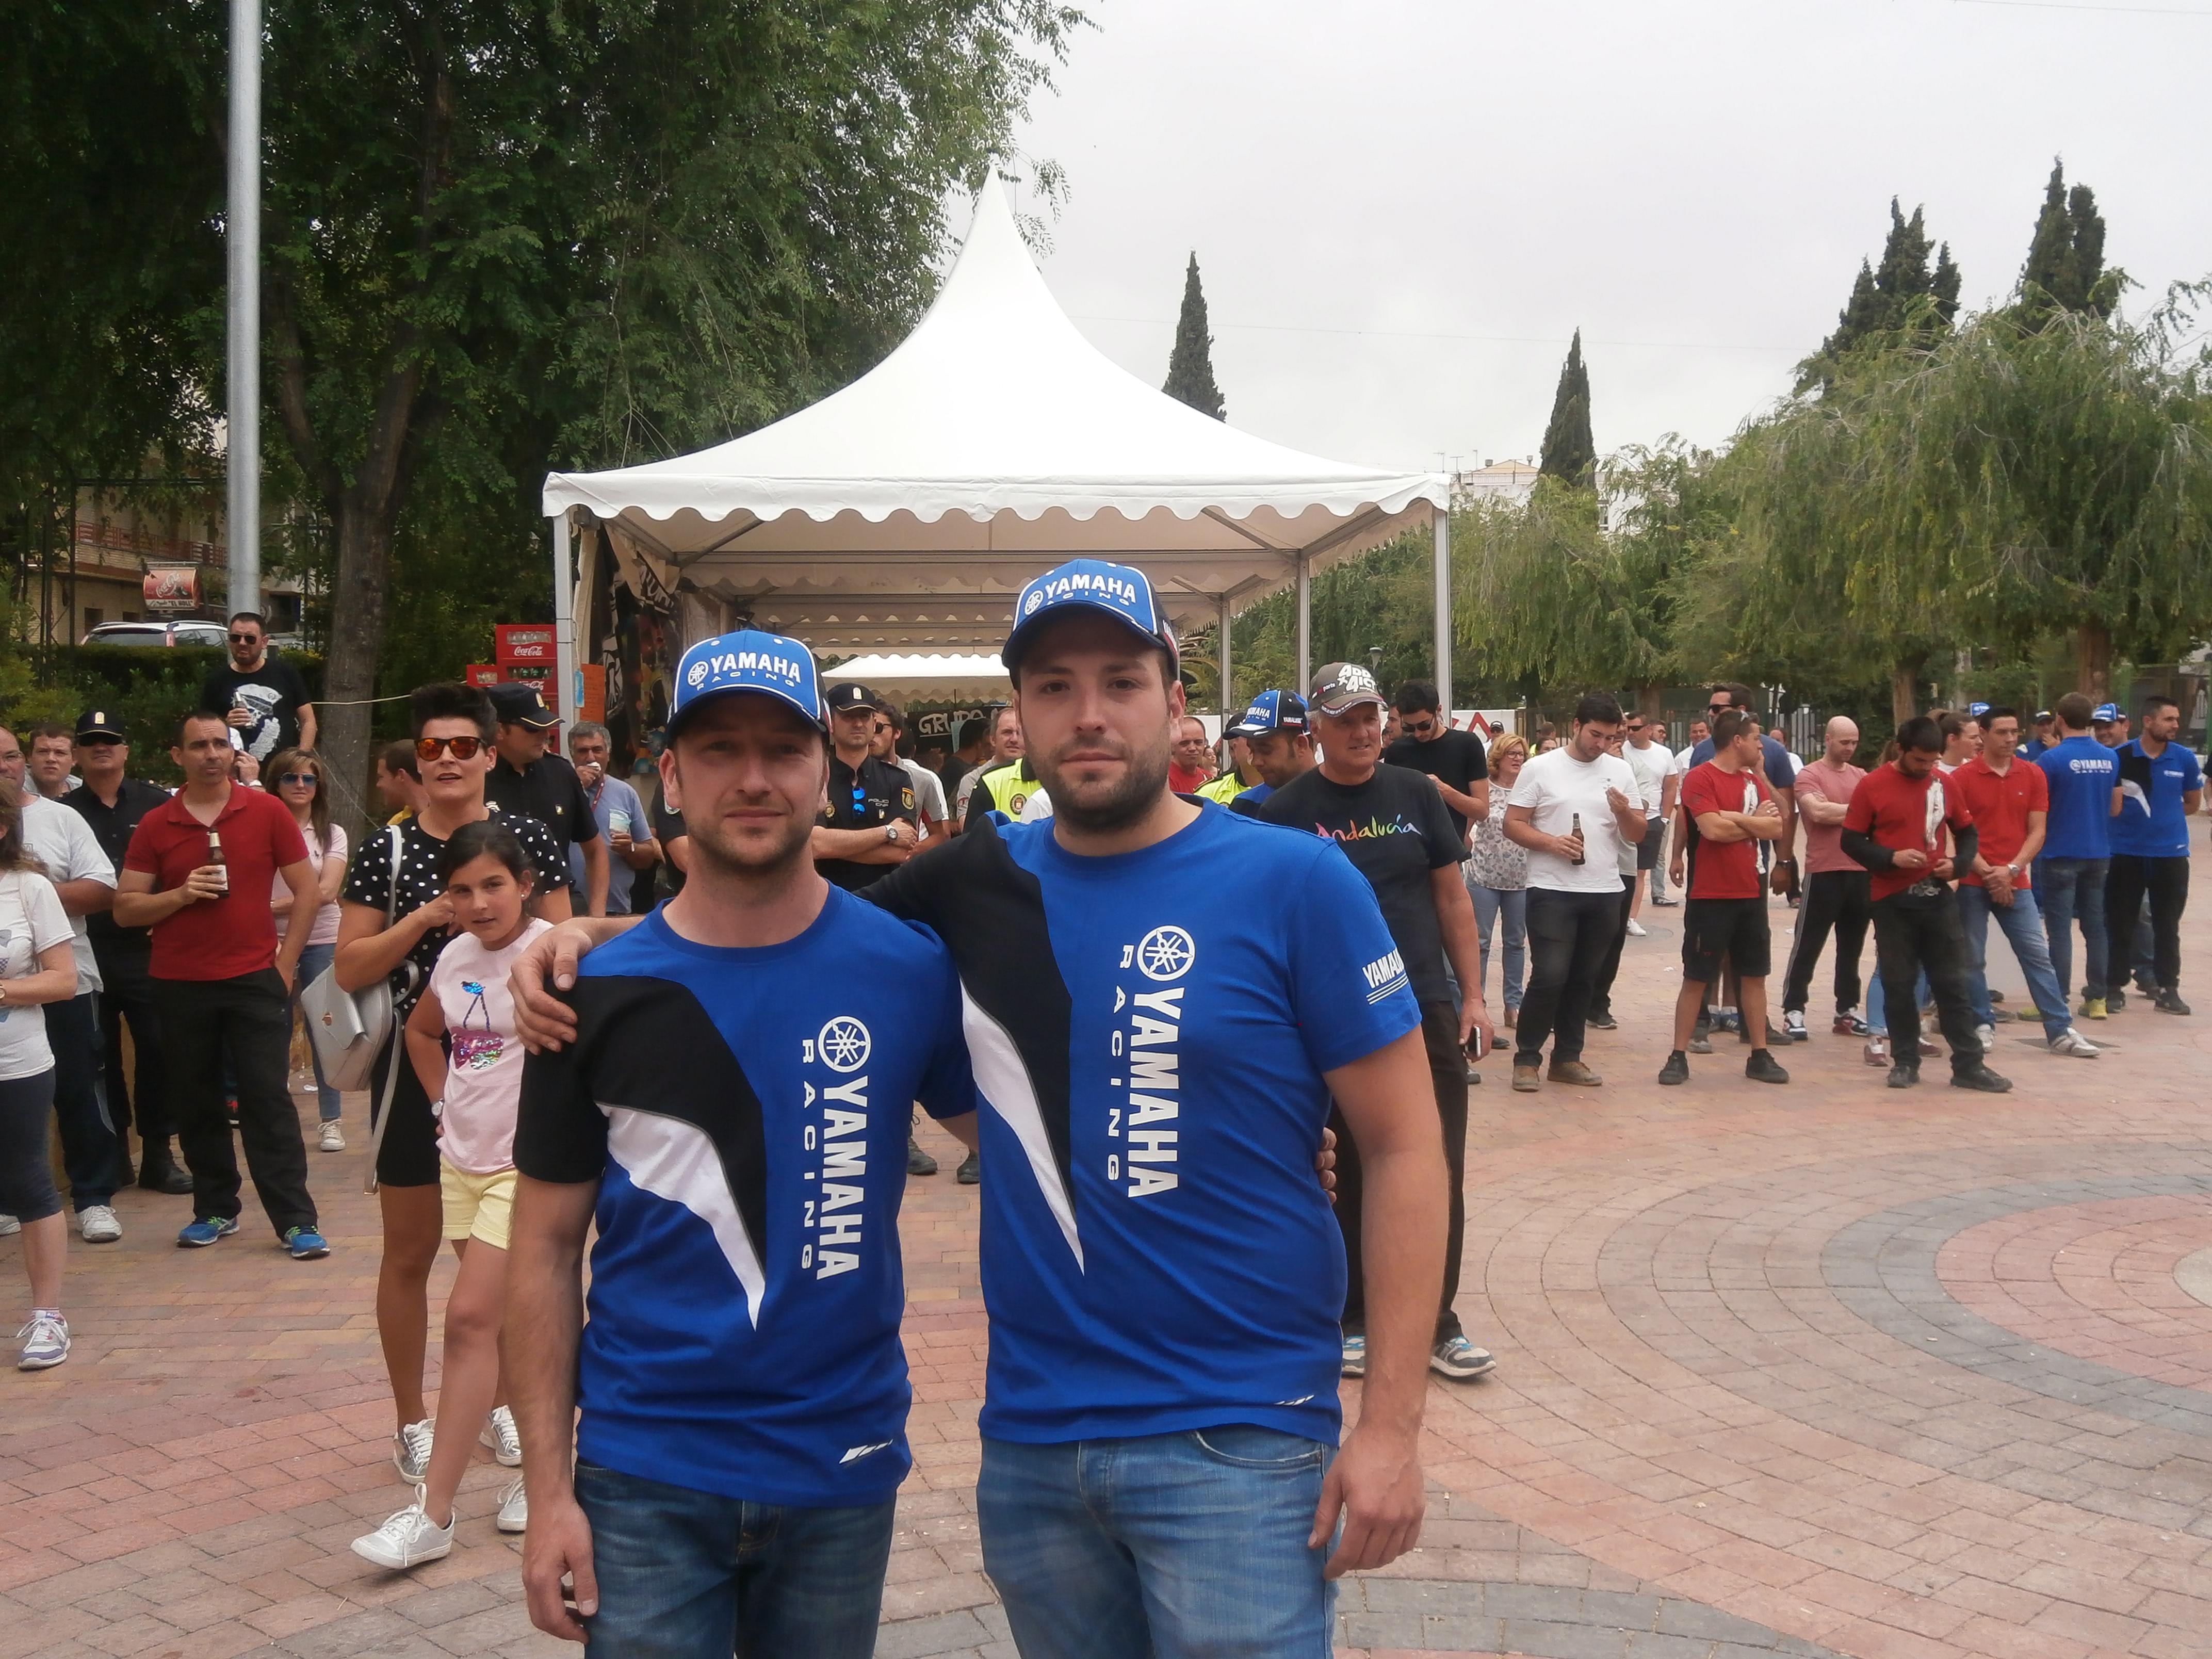 El equipo de Mancha Real formado por Pedro José Delgado y Sebastián López llevaron a cabo una gran carrera con su Yamaha YZX 1000R.